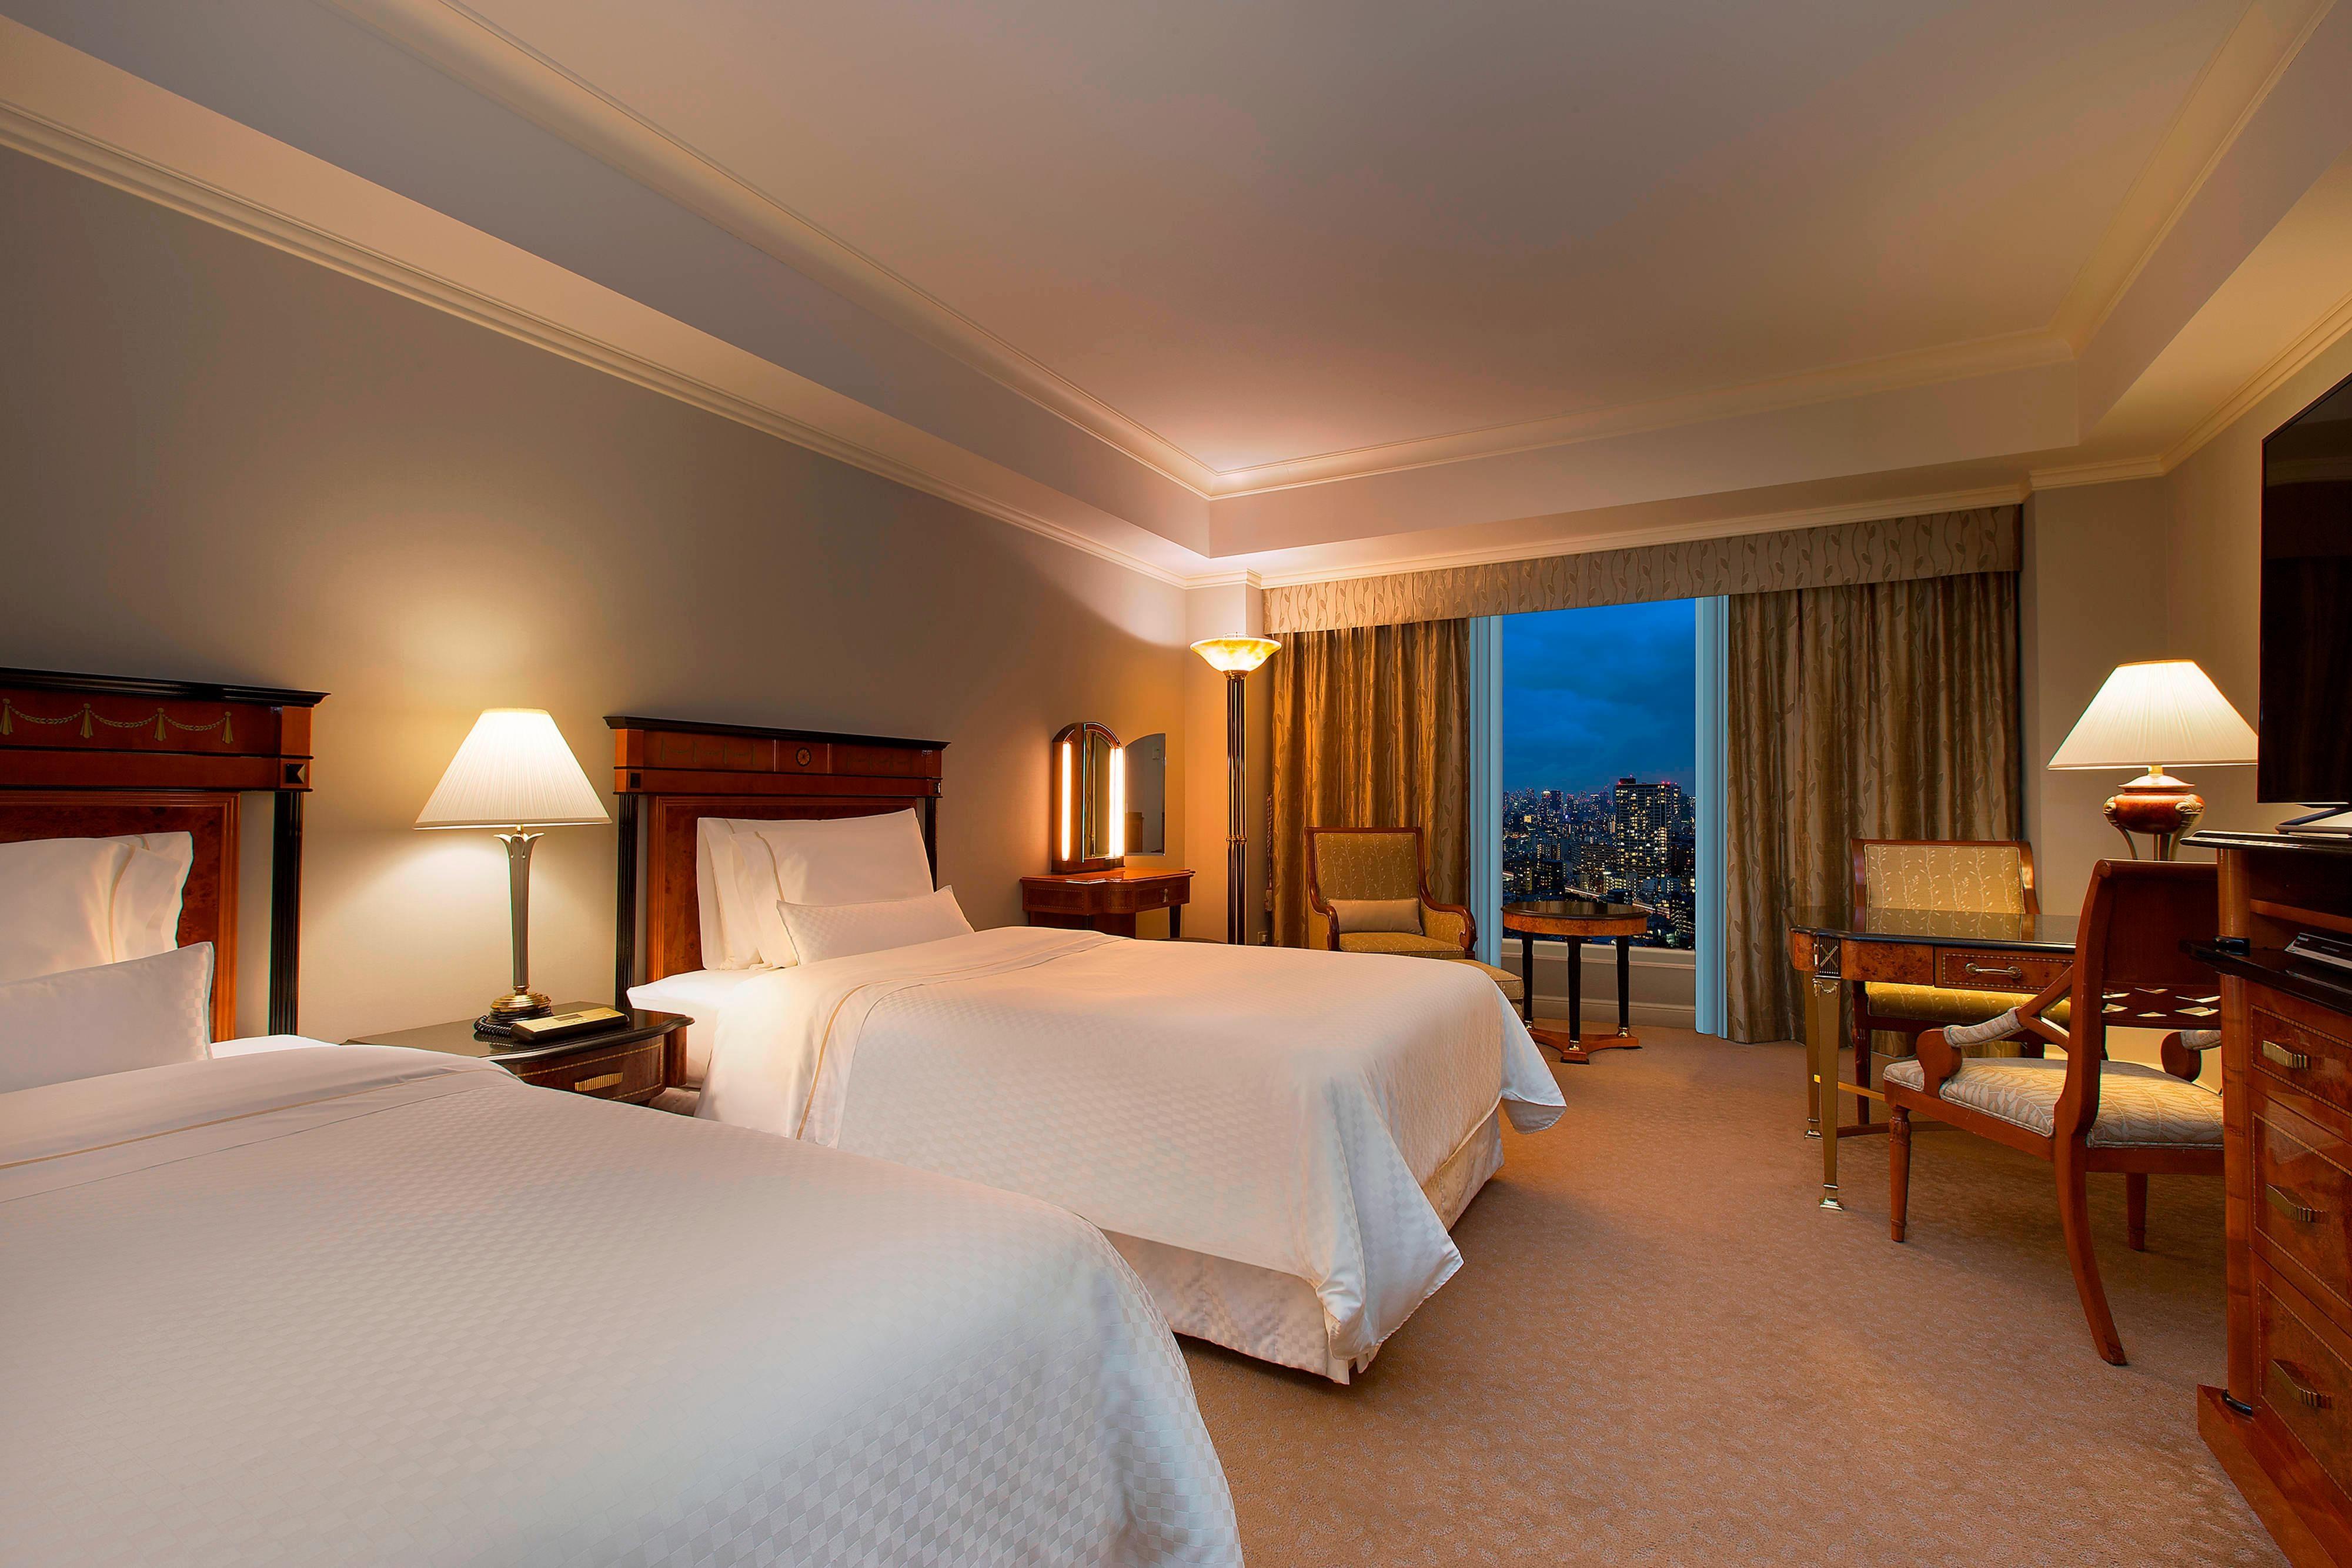 Habitación ejecutiva con dos camas individuales